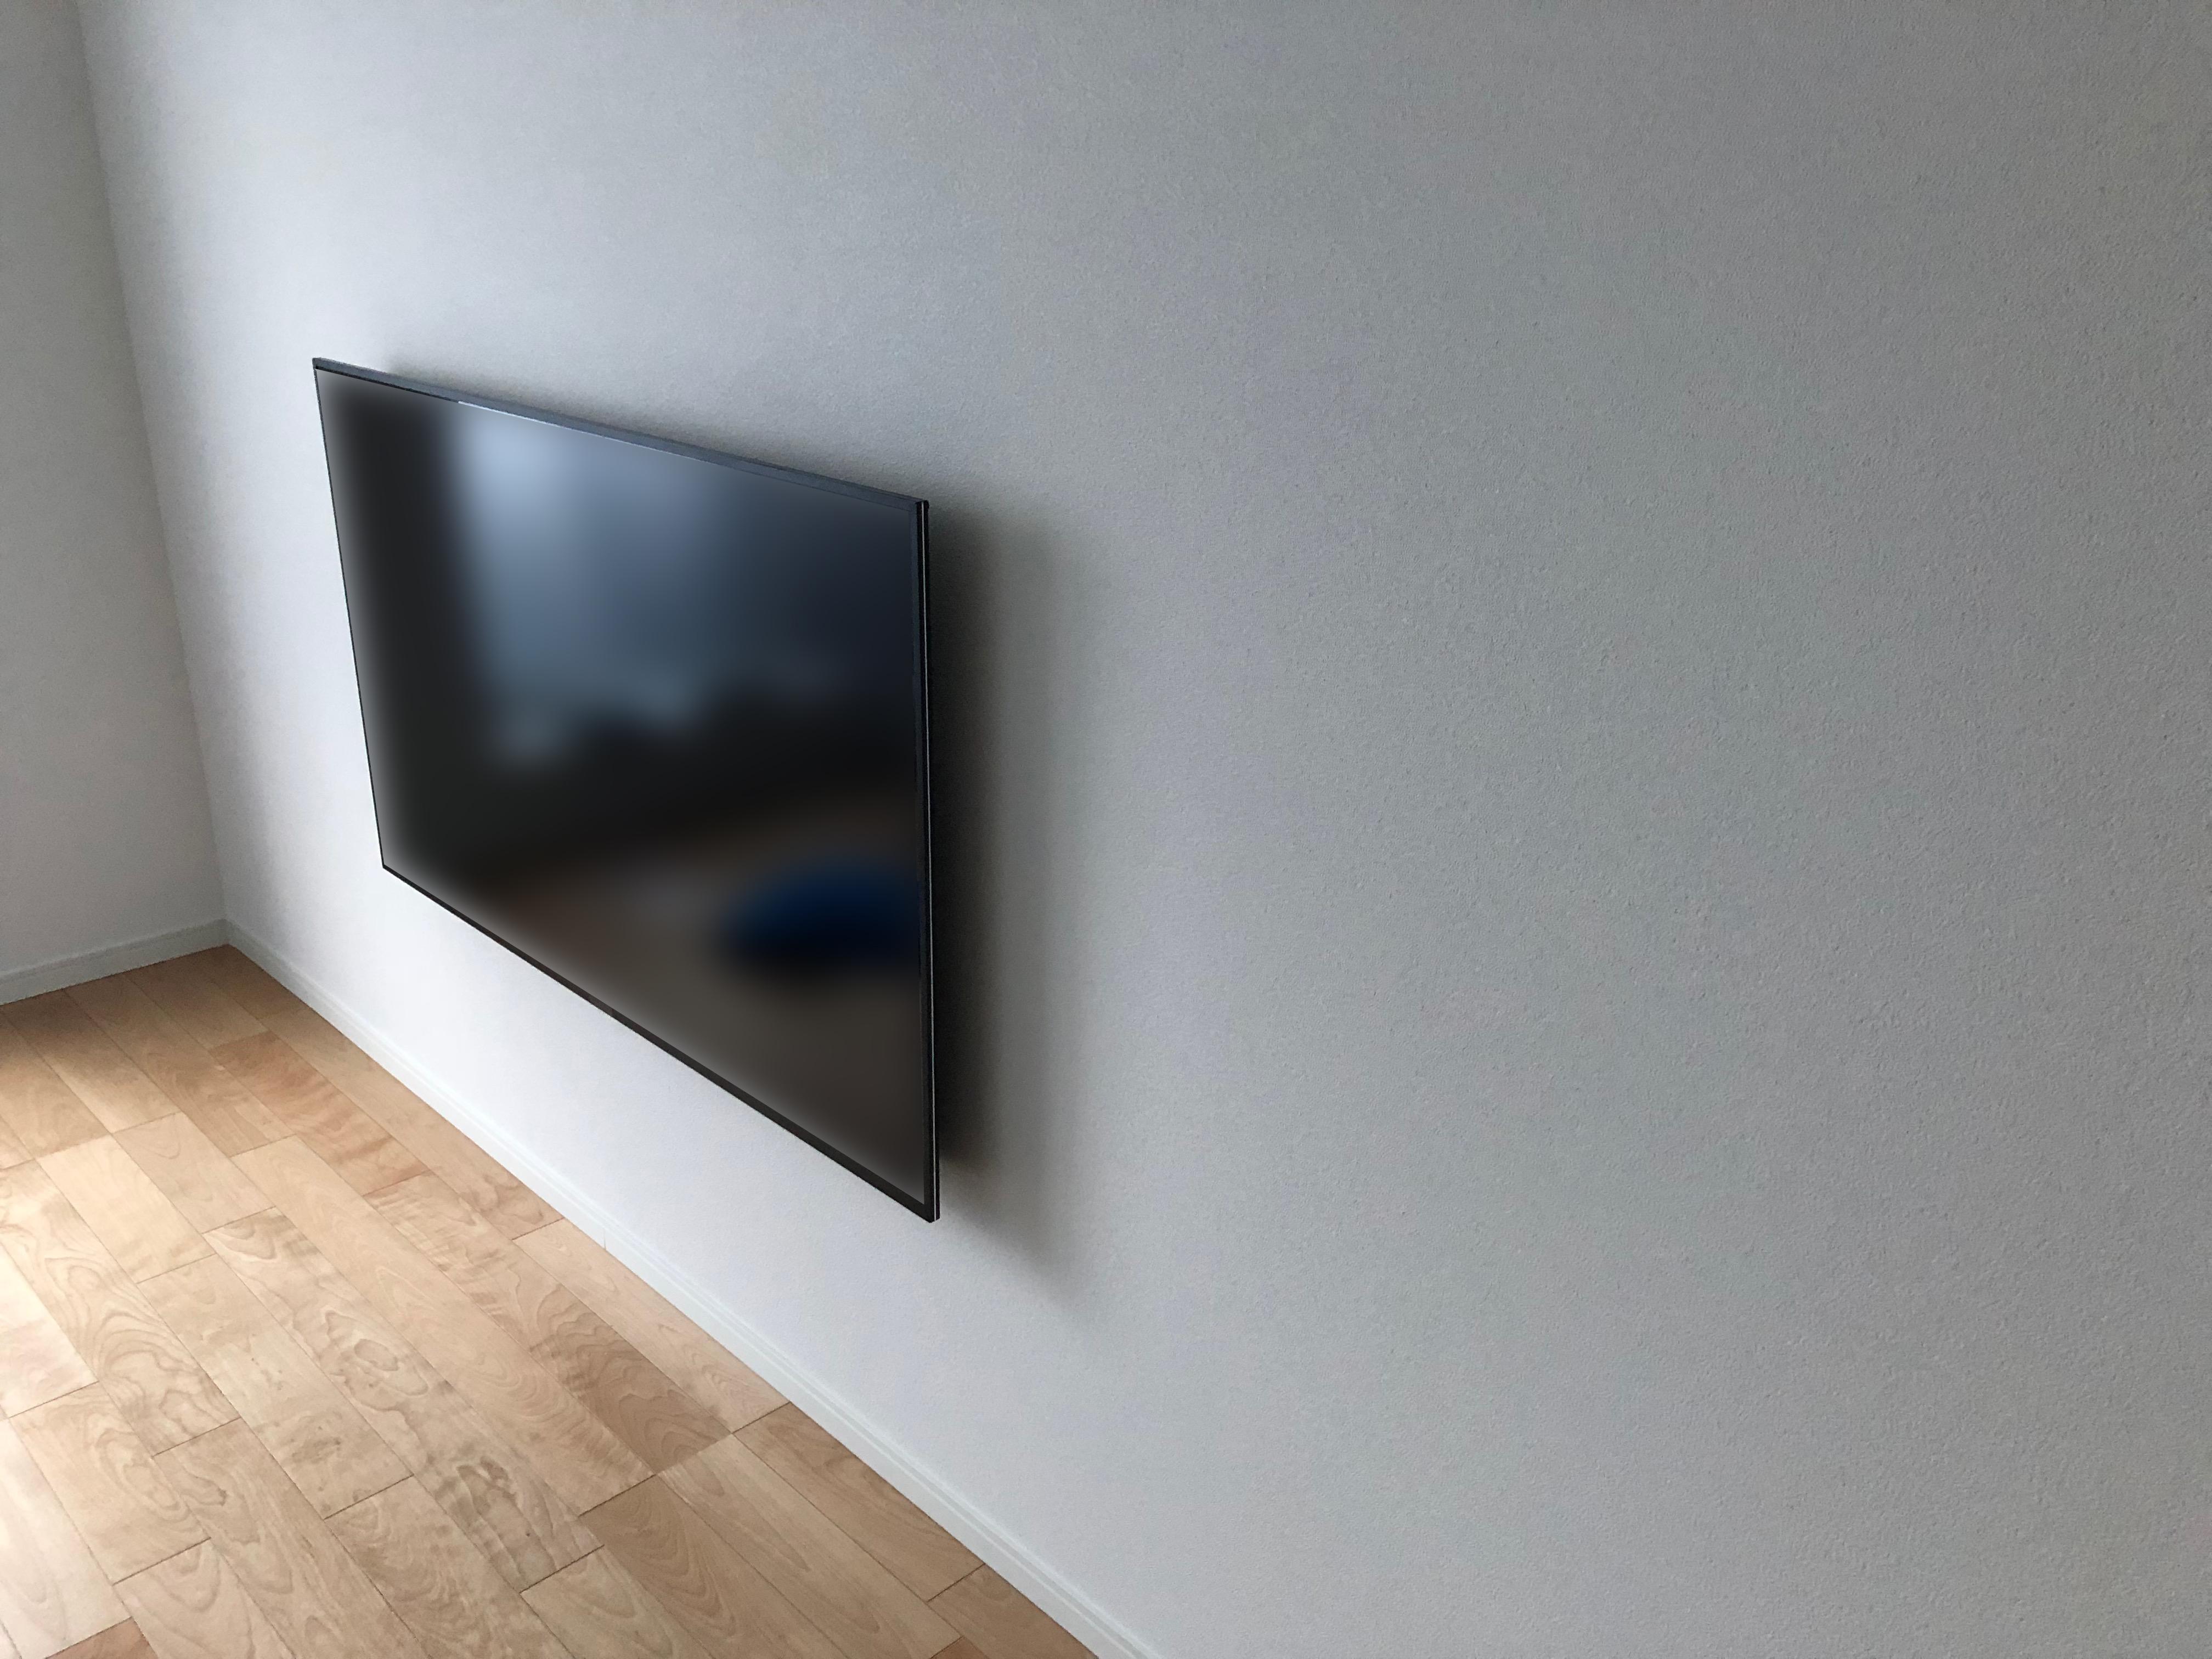 SONY x8500 テレビ壁掛け計画 施工編